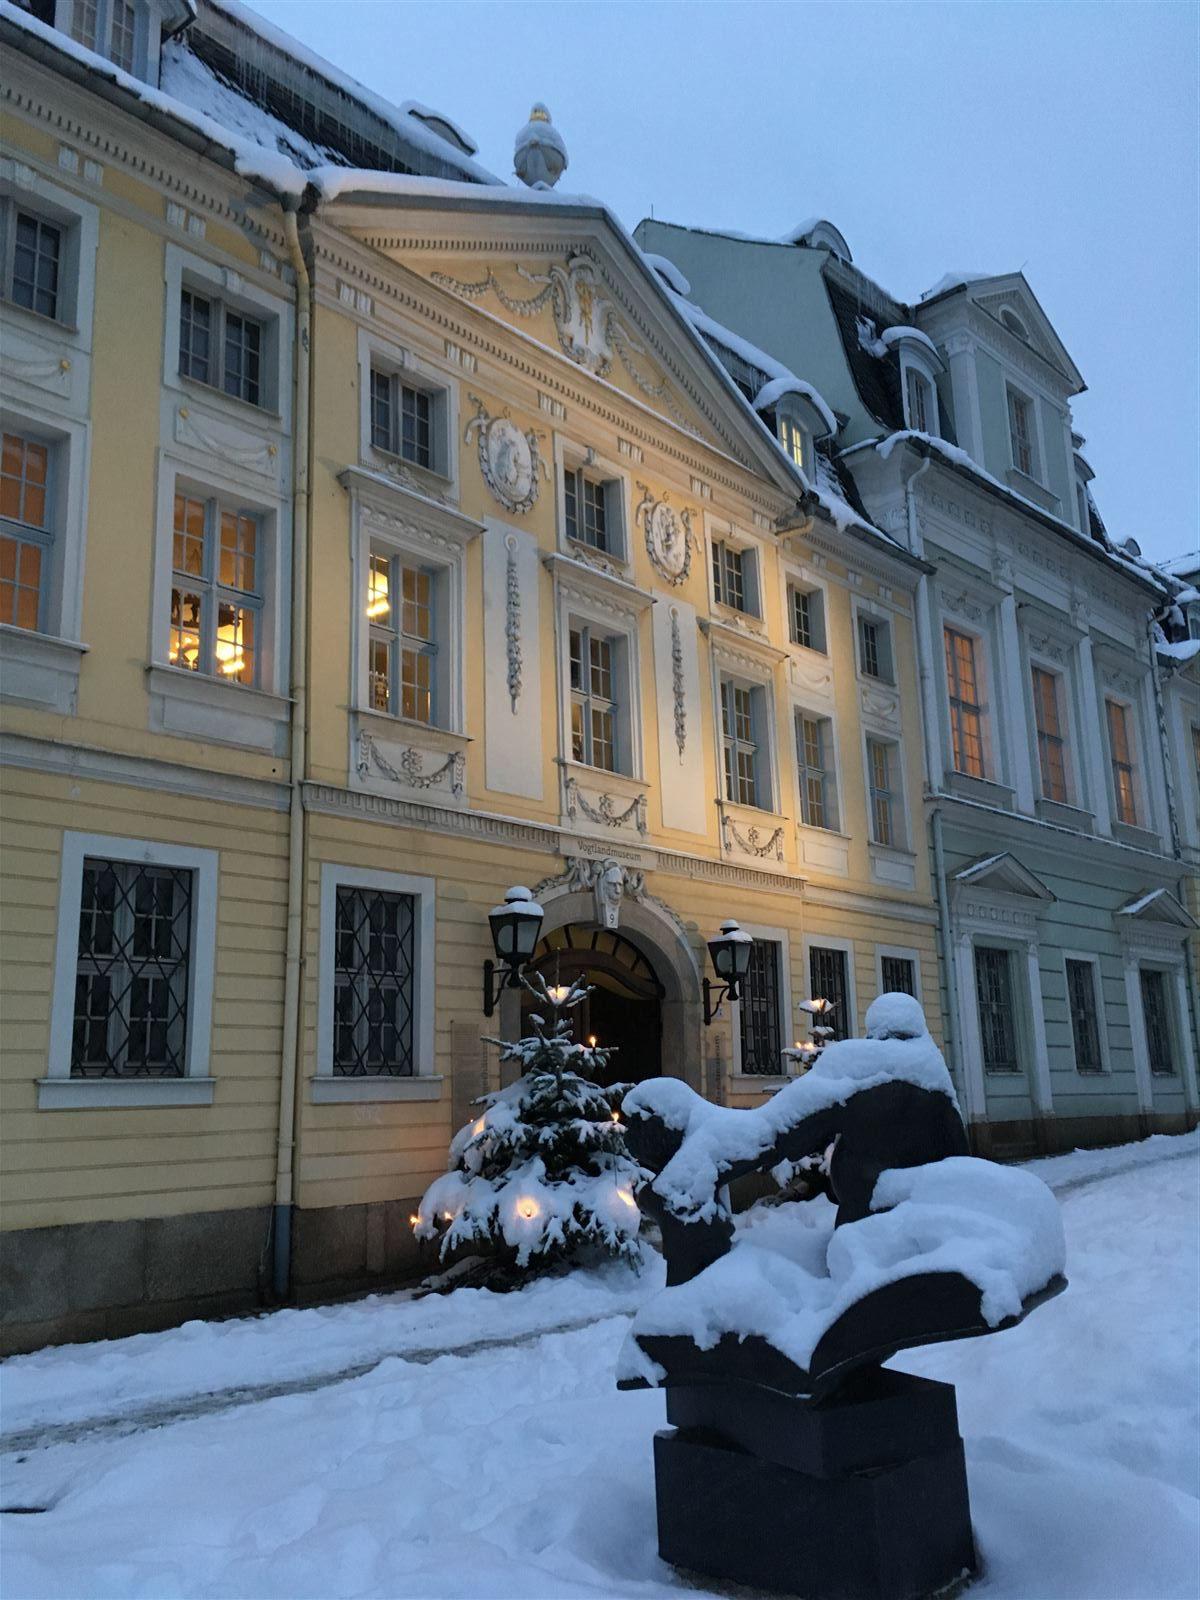 Winterausflug in Sachsen - winterlicher Spaziergang durch Plauen - Vogtlandmuseum